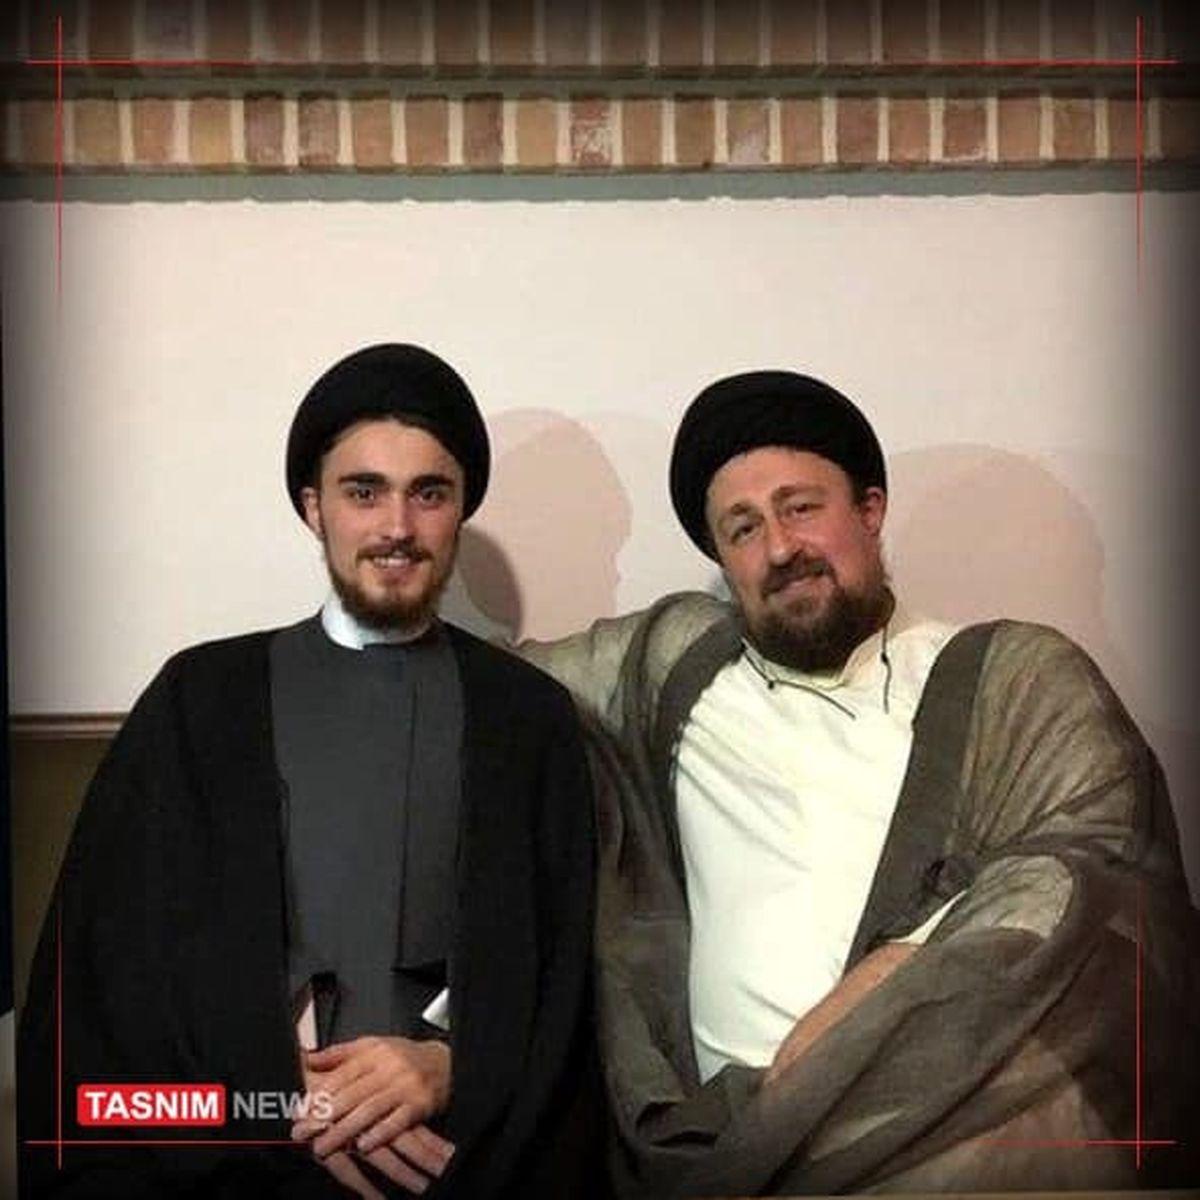 توضیحات فرزند «سیدحسن خمینی» درباره موضوع کاندیداتوری